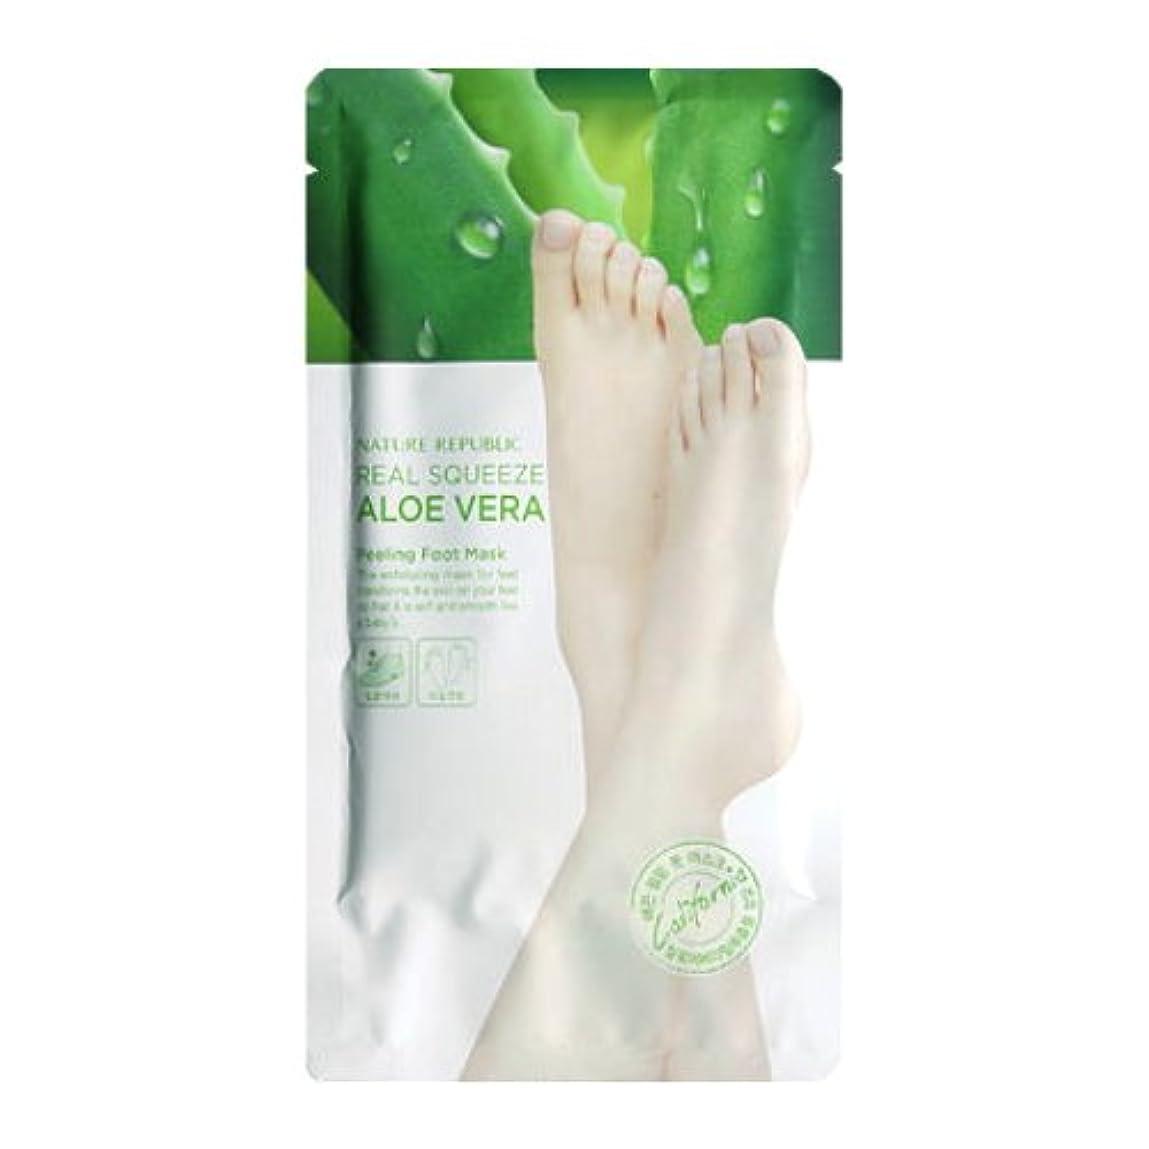 リマーク脈拍艶NATURE REPUBLIC Real Squeeze Aloe Vera Peeling Foot Mask (並行輸入品)